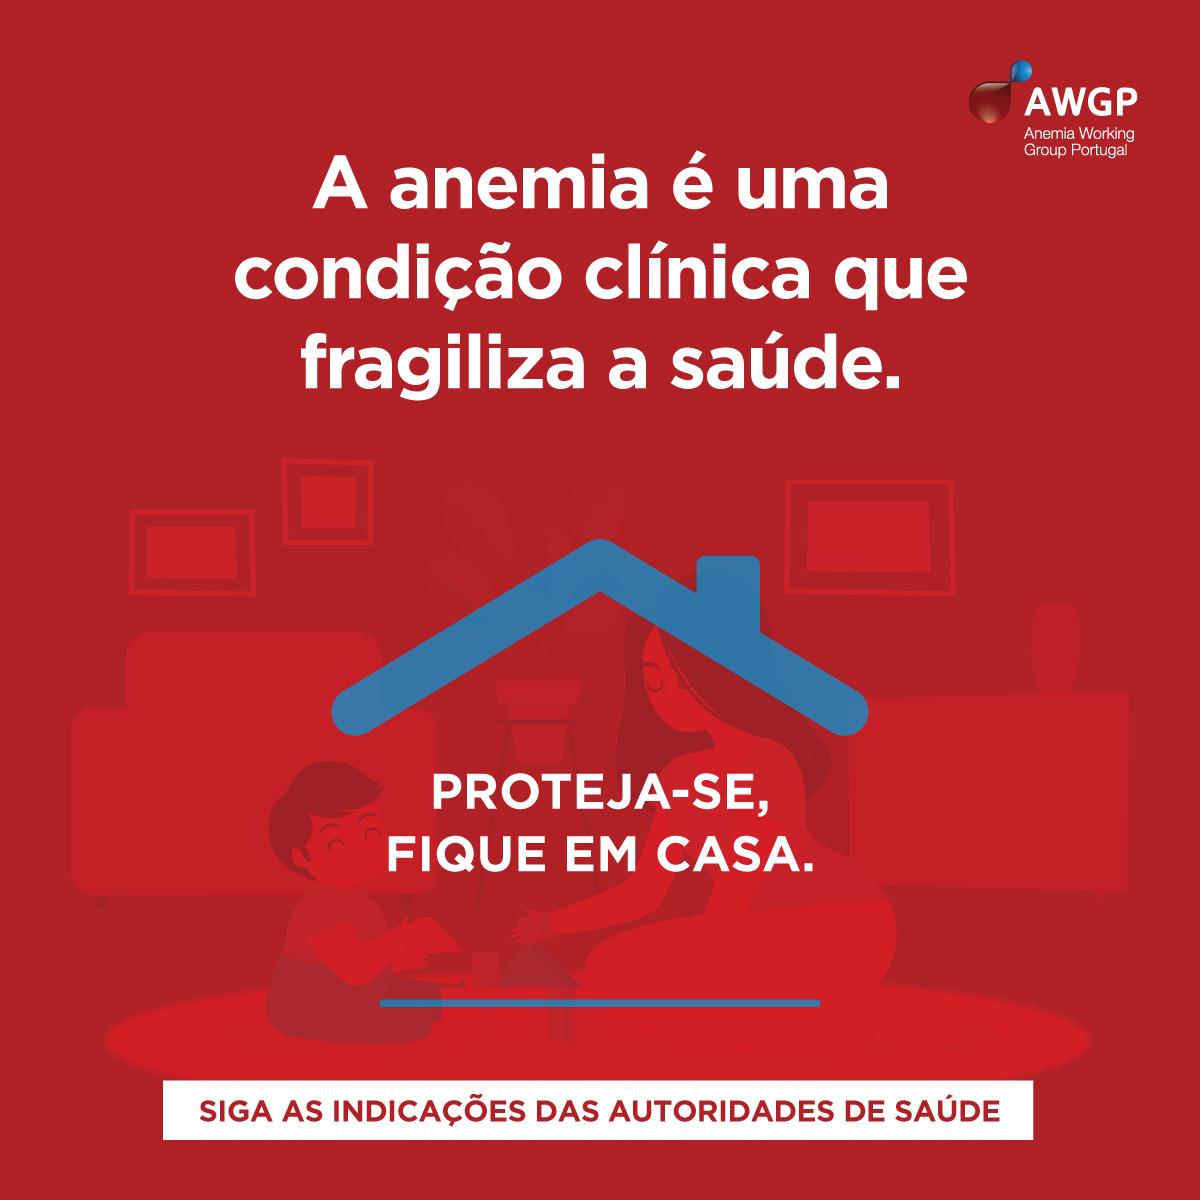 """Para as pessoas que vivem com anemia ou outros problemas de saúde, é importante """"não baixar a guarda"""""""